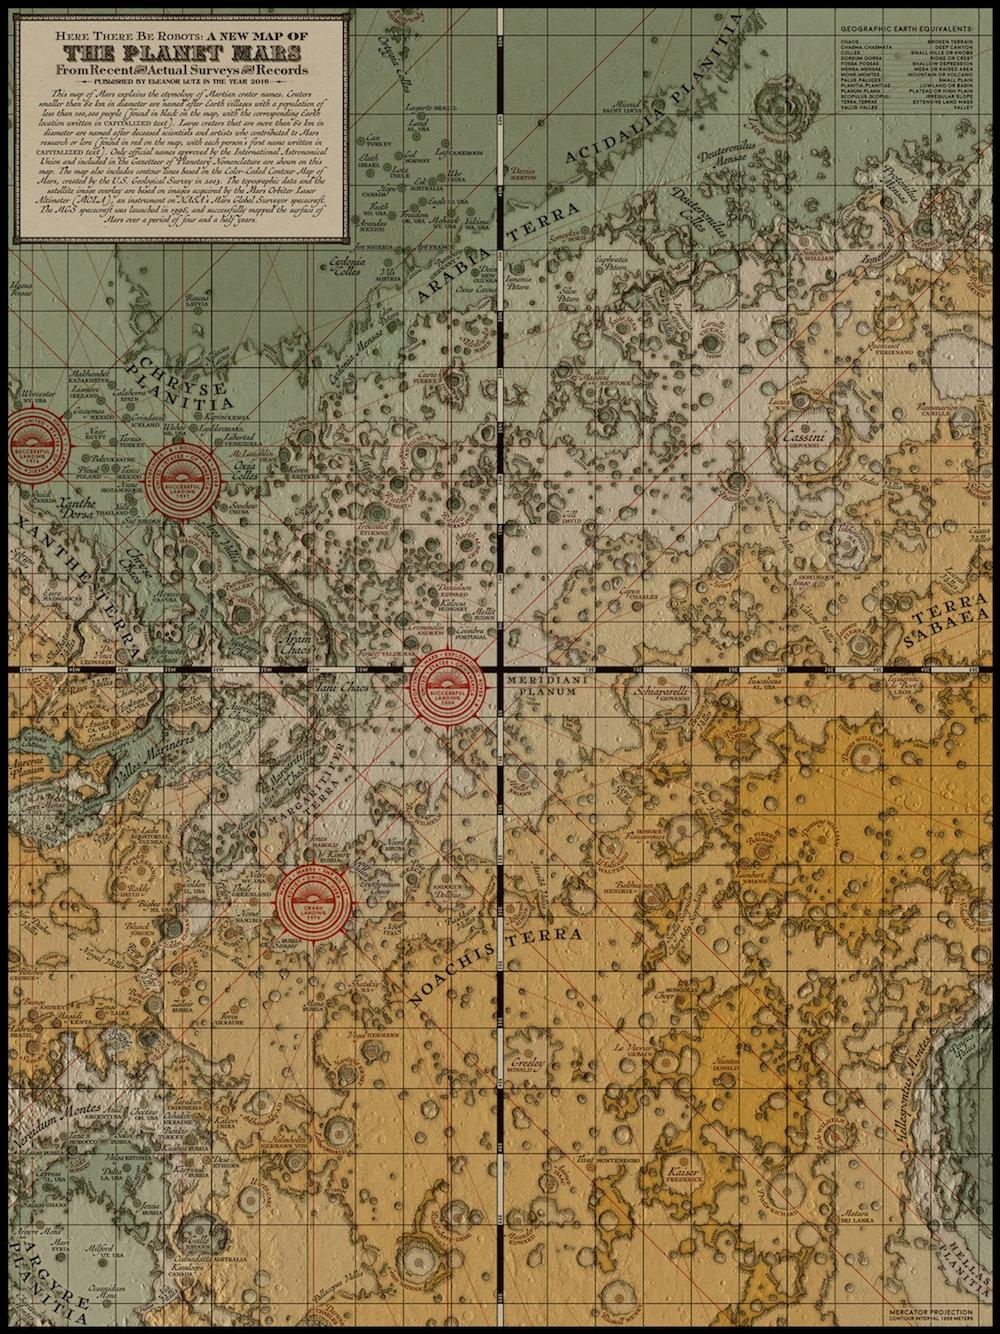 Hammastyttava Antiikkinen Kartta Marsista Tiedetuubi